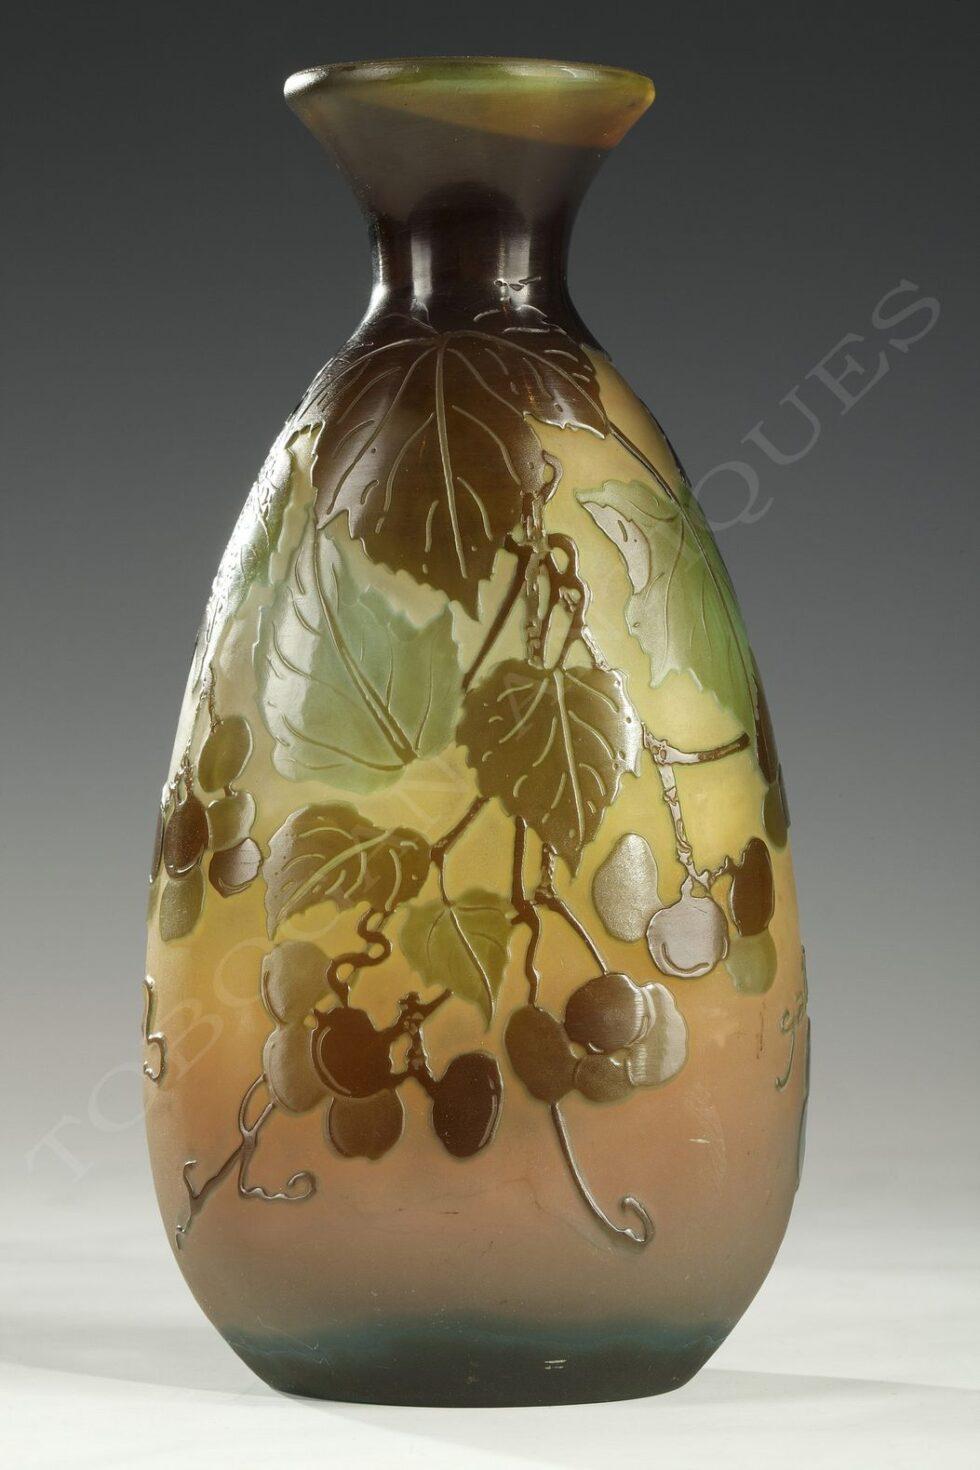 E. Gallé <br/> Vase aux Raisins